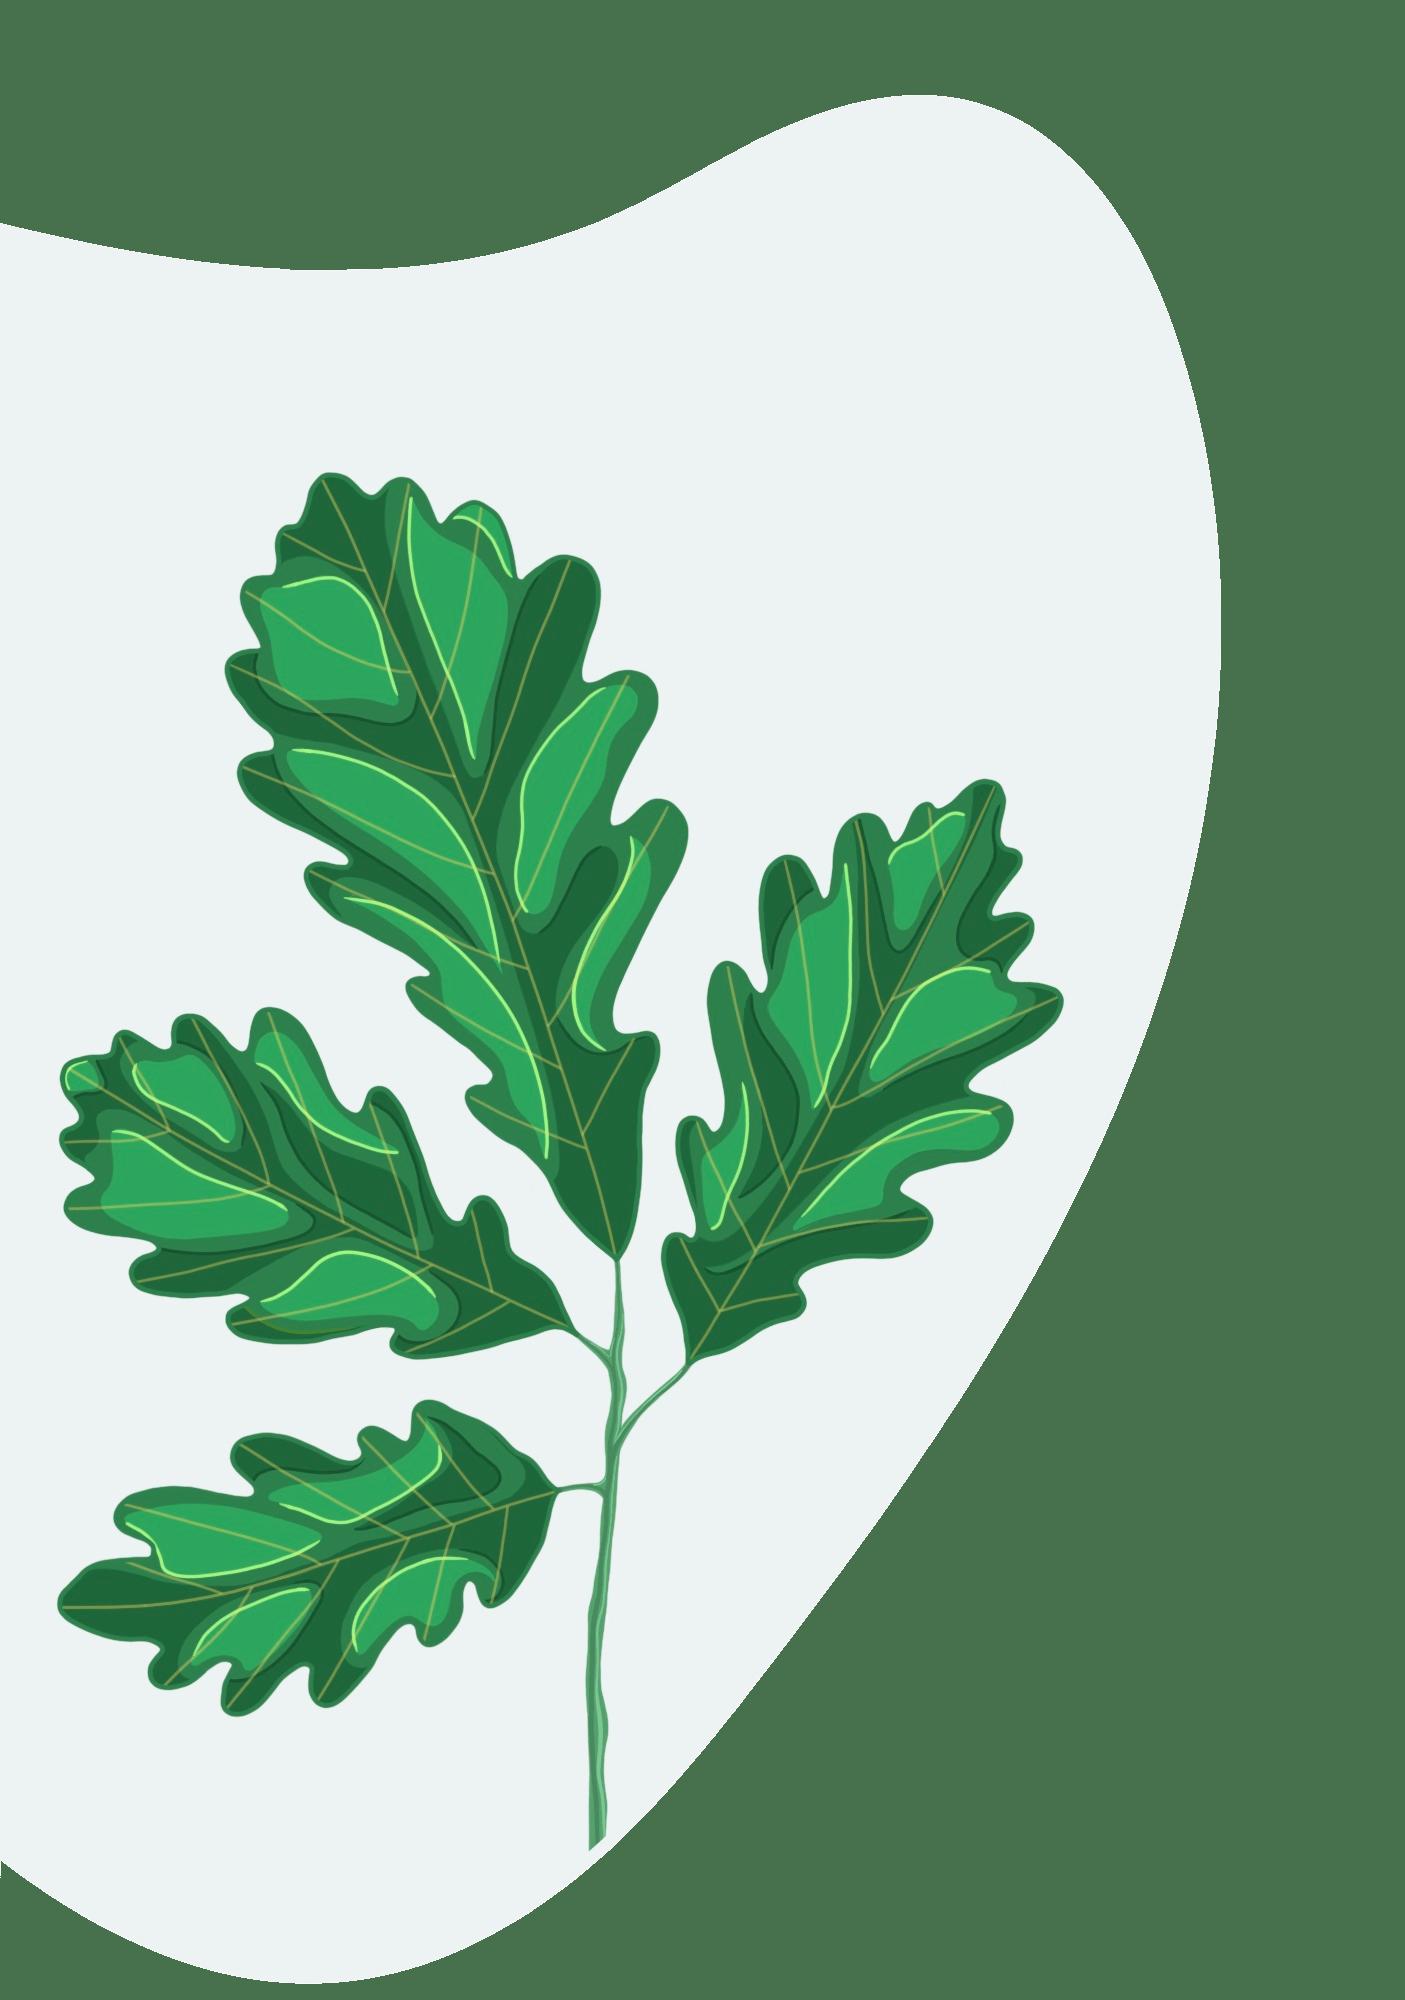 Numérique responsable & communication verte